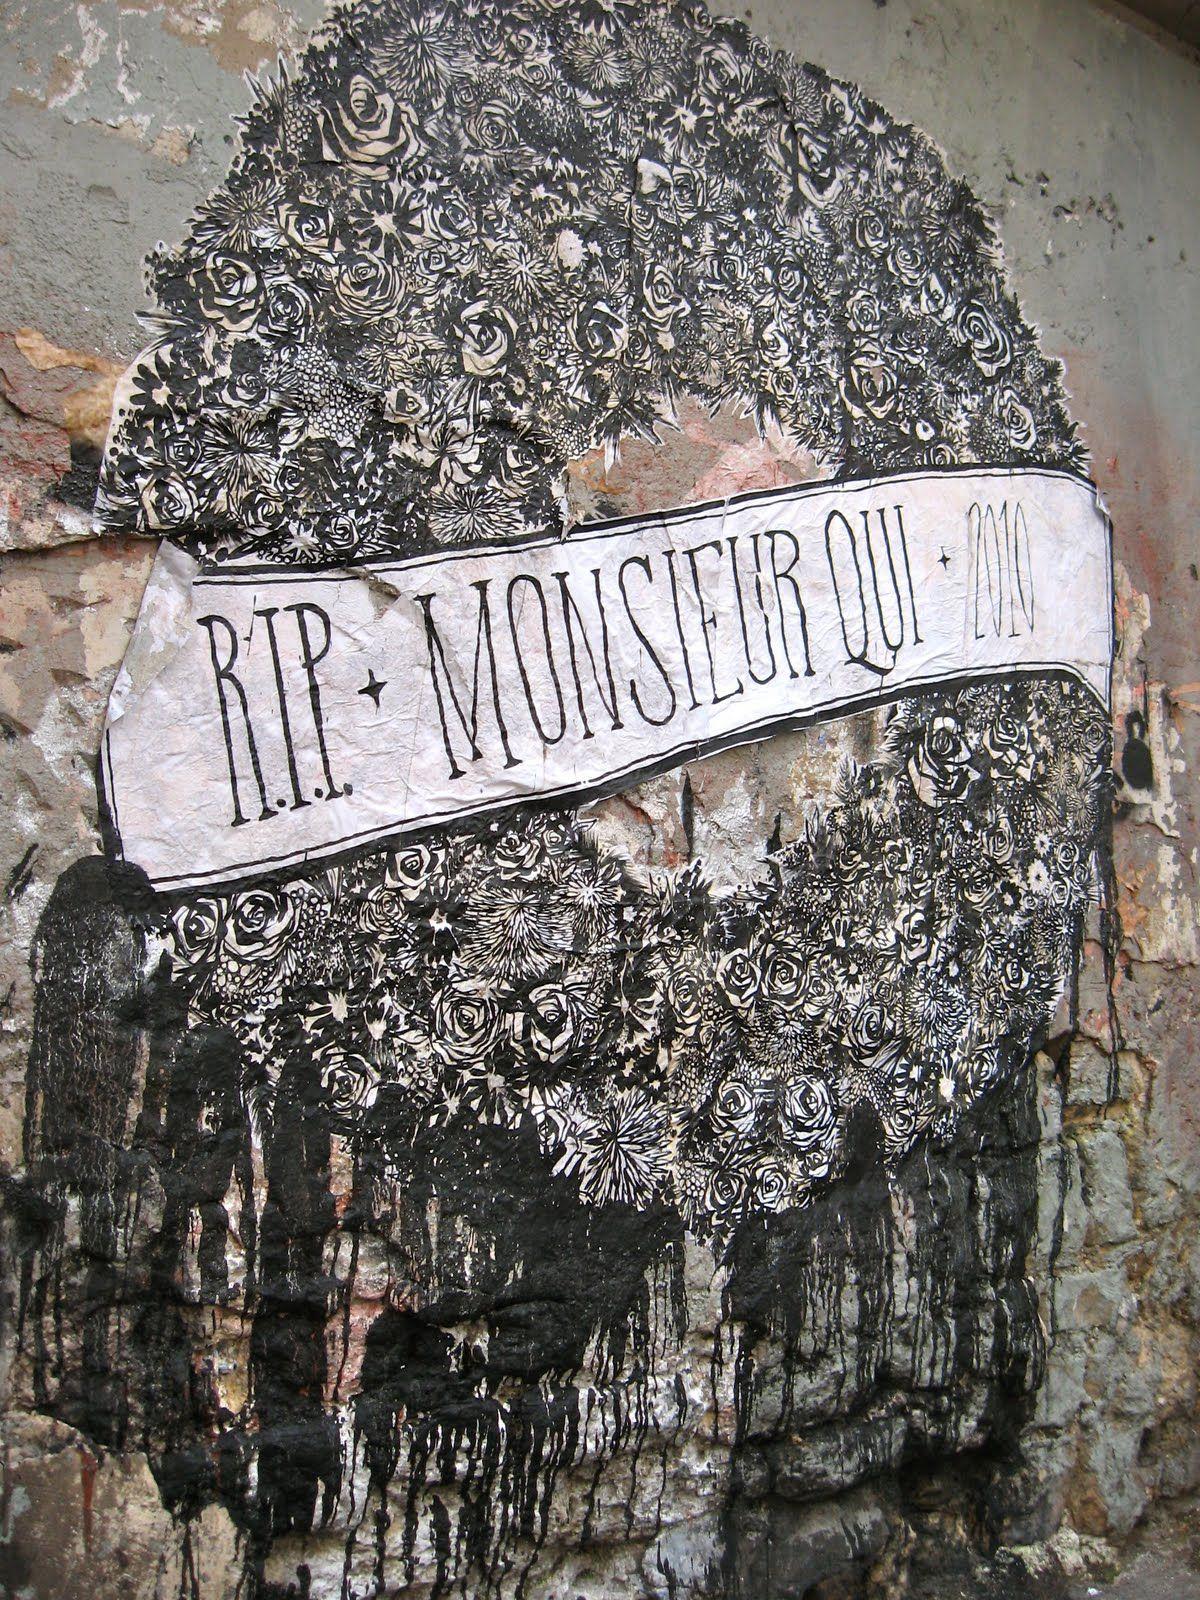 #StreetArt #UrbanArt - Monsieur Qui